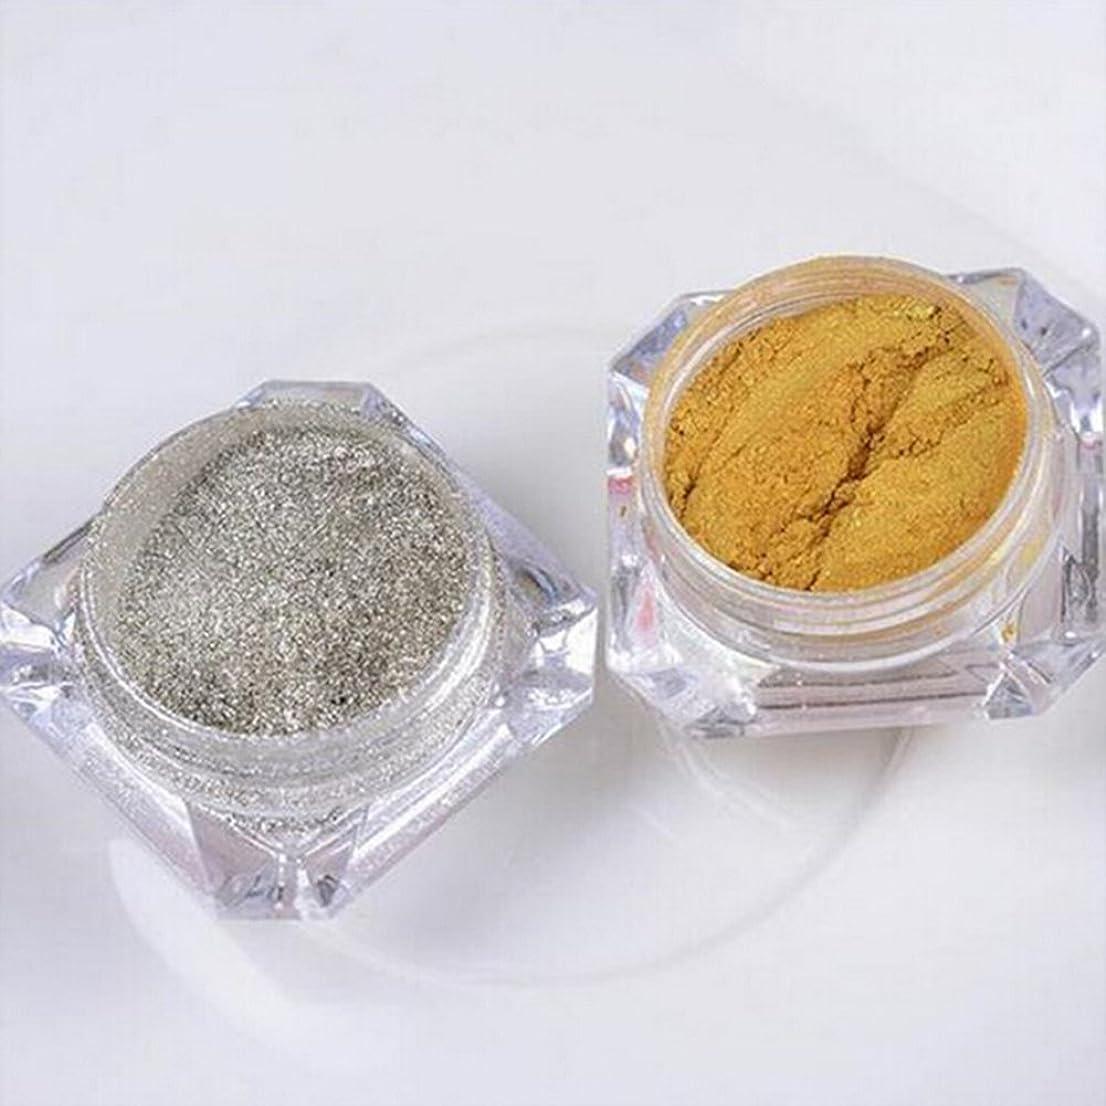 副産物そのどこかDoitsa フラッシュ ネイル用 パウダー ネイル 微分子 ラメグリッター スーパーフラッシュ スパンコール ゴールド シルバー 2色セット 各色3g入り